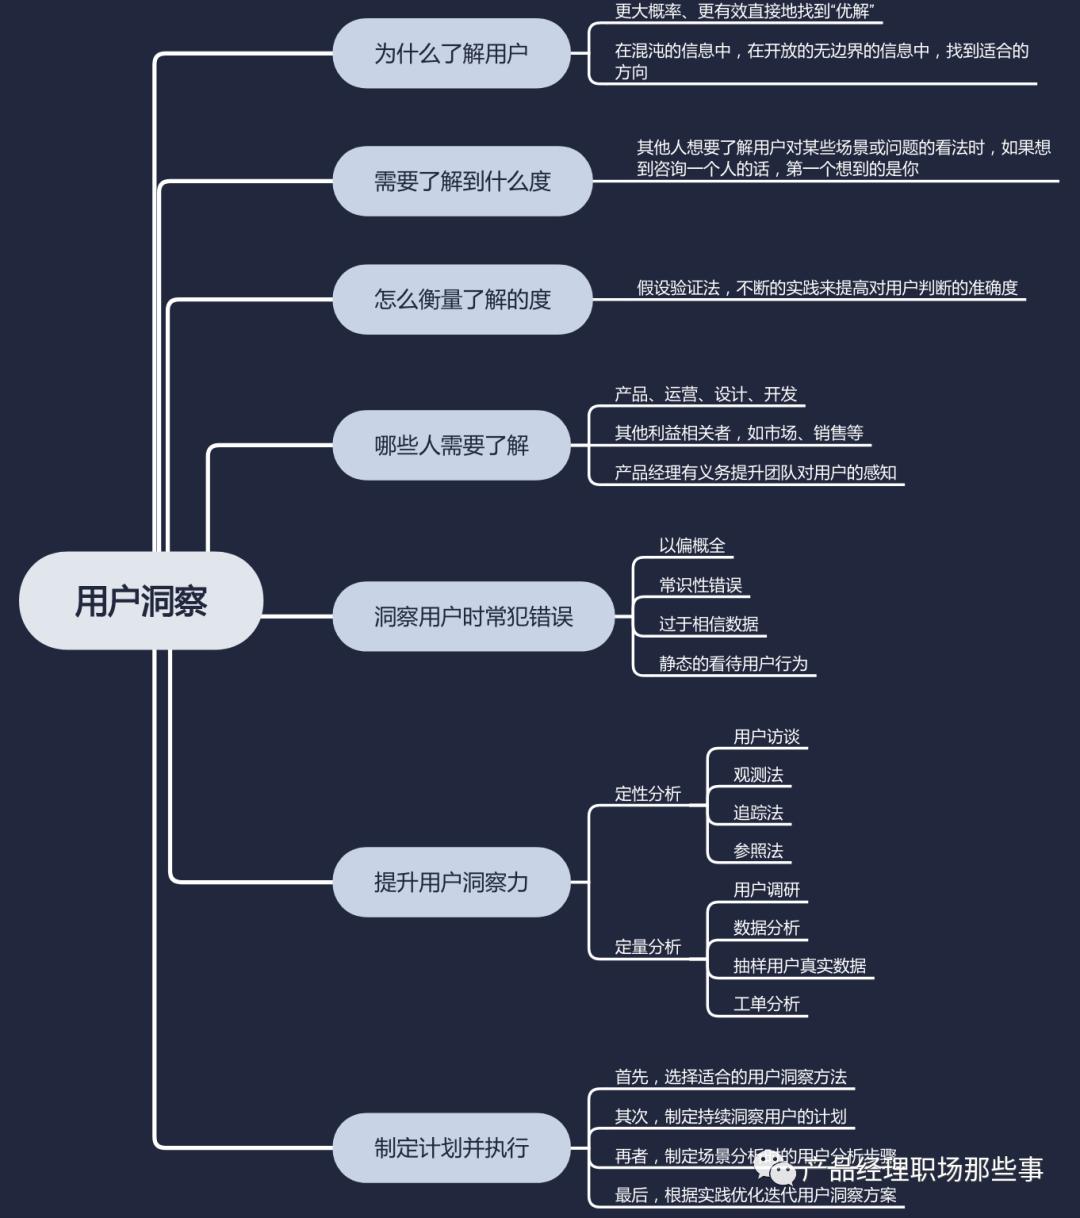 用户洞察:混沌信息中的灯塔